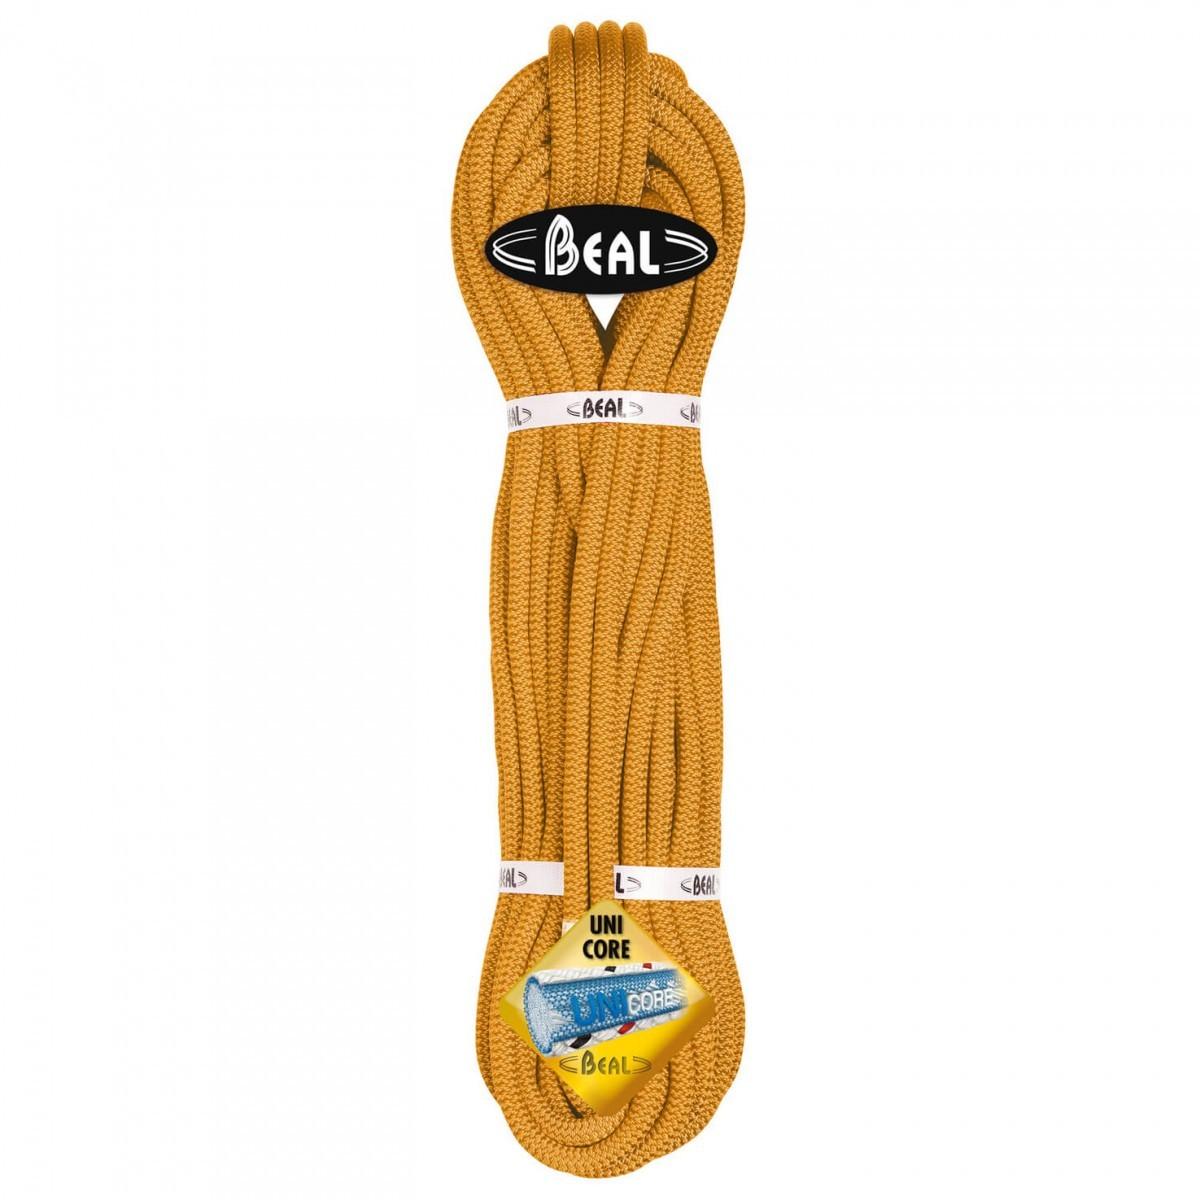 BEAL ウォールマスター Wallmaster(50m - Orange)★ロープ・ザイル・登山・クライミング★